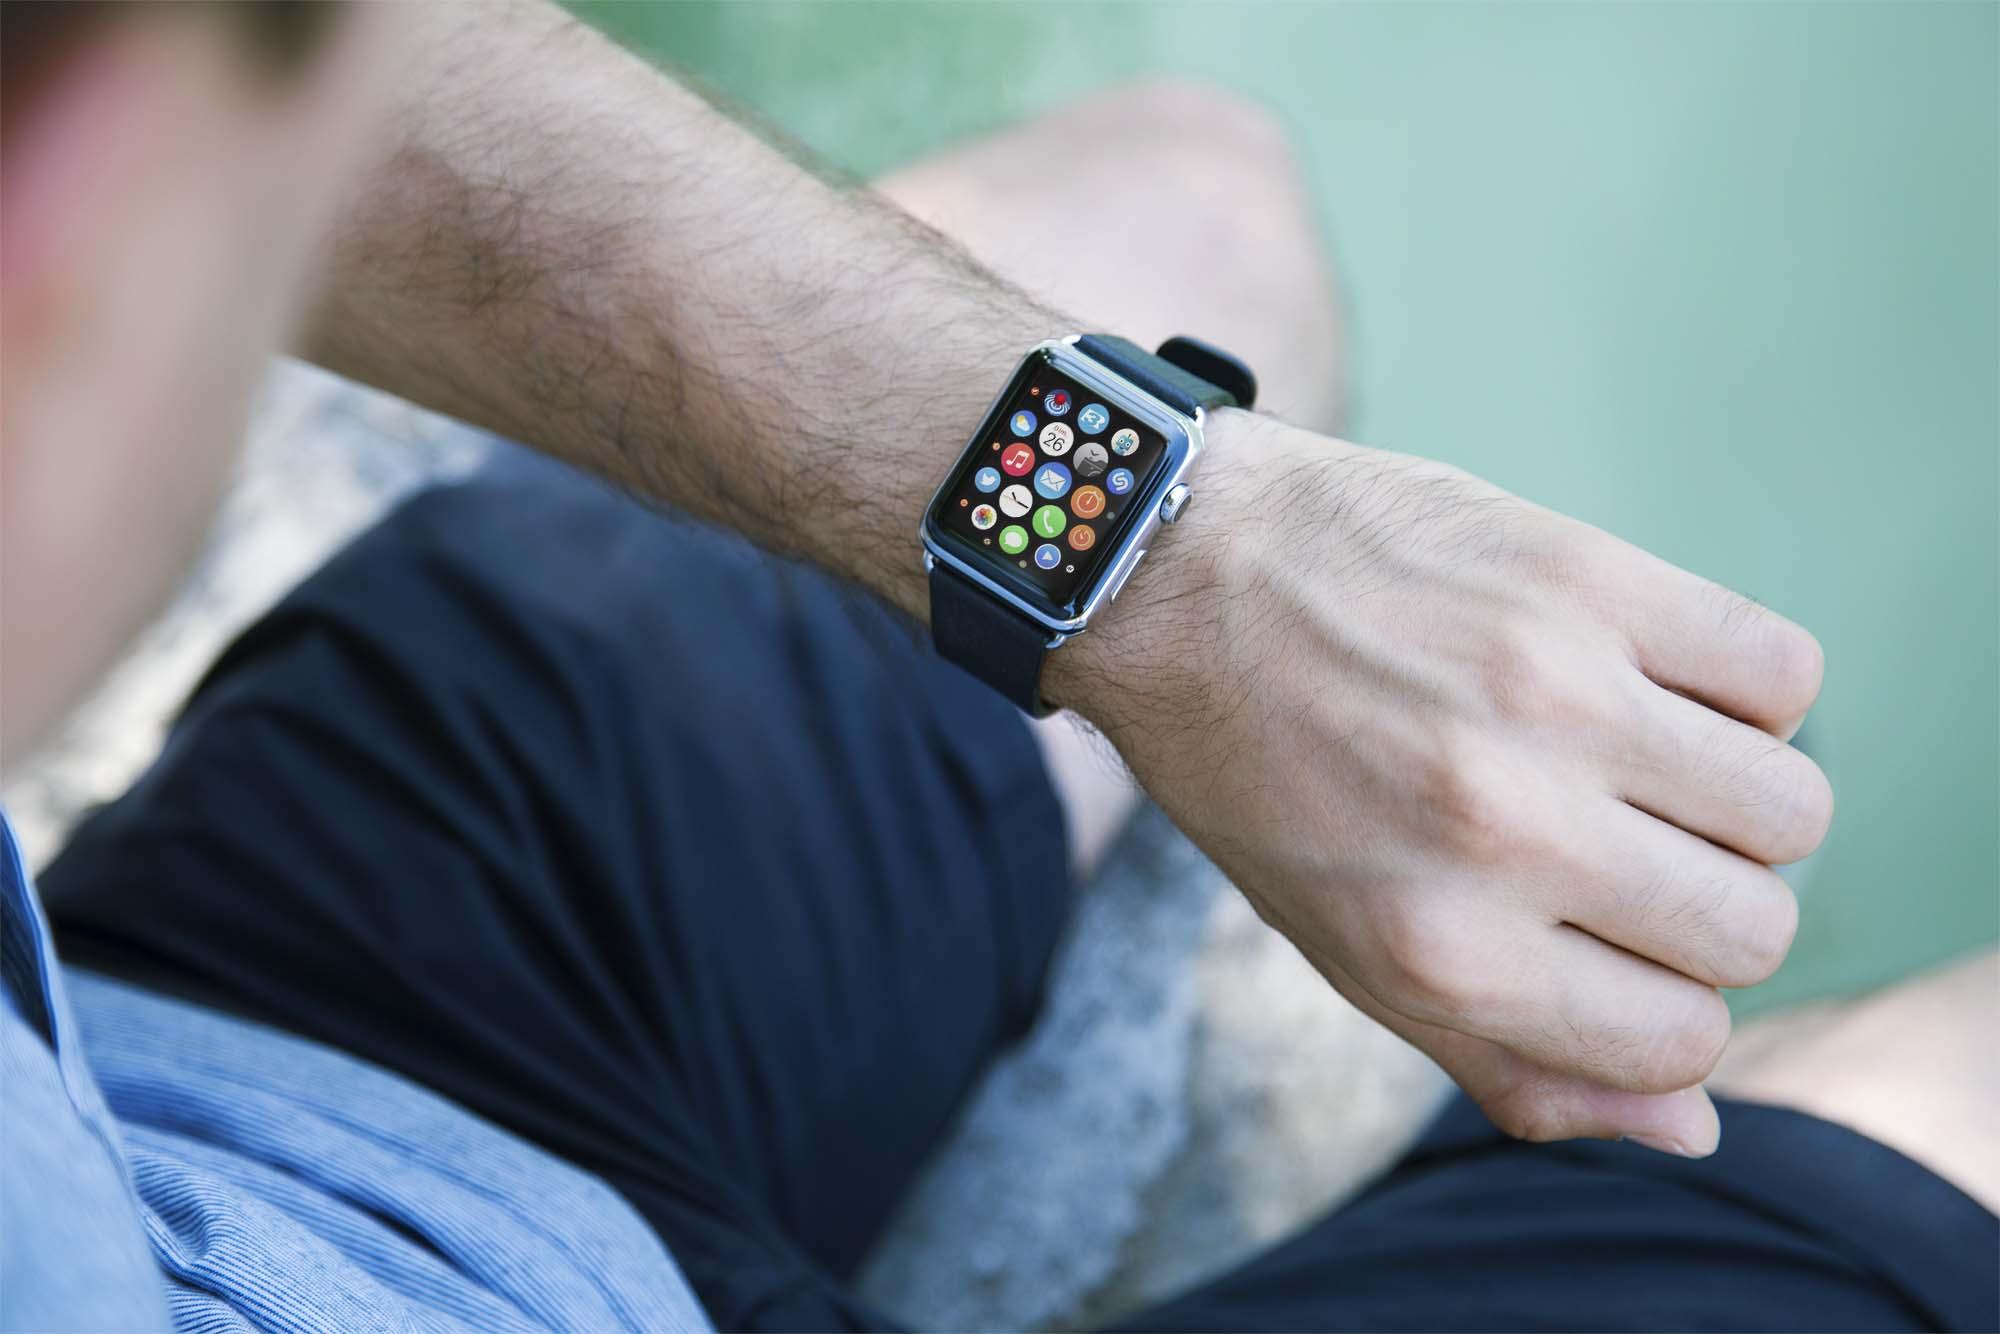 Apple Watch Mockup 02